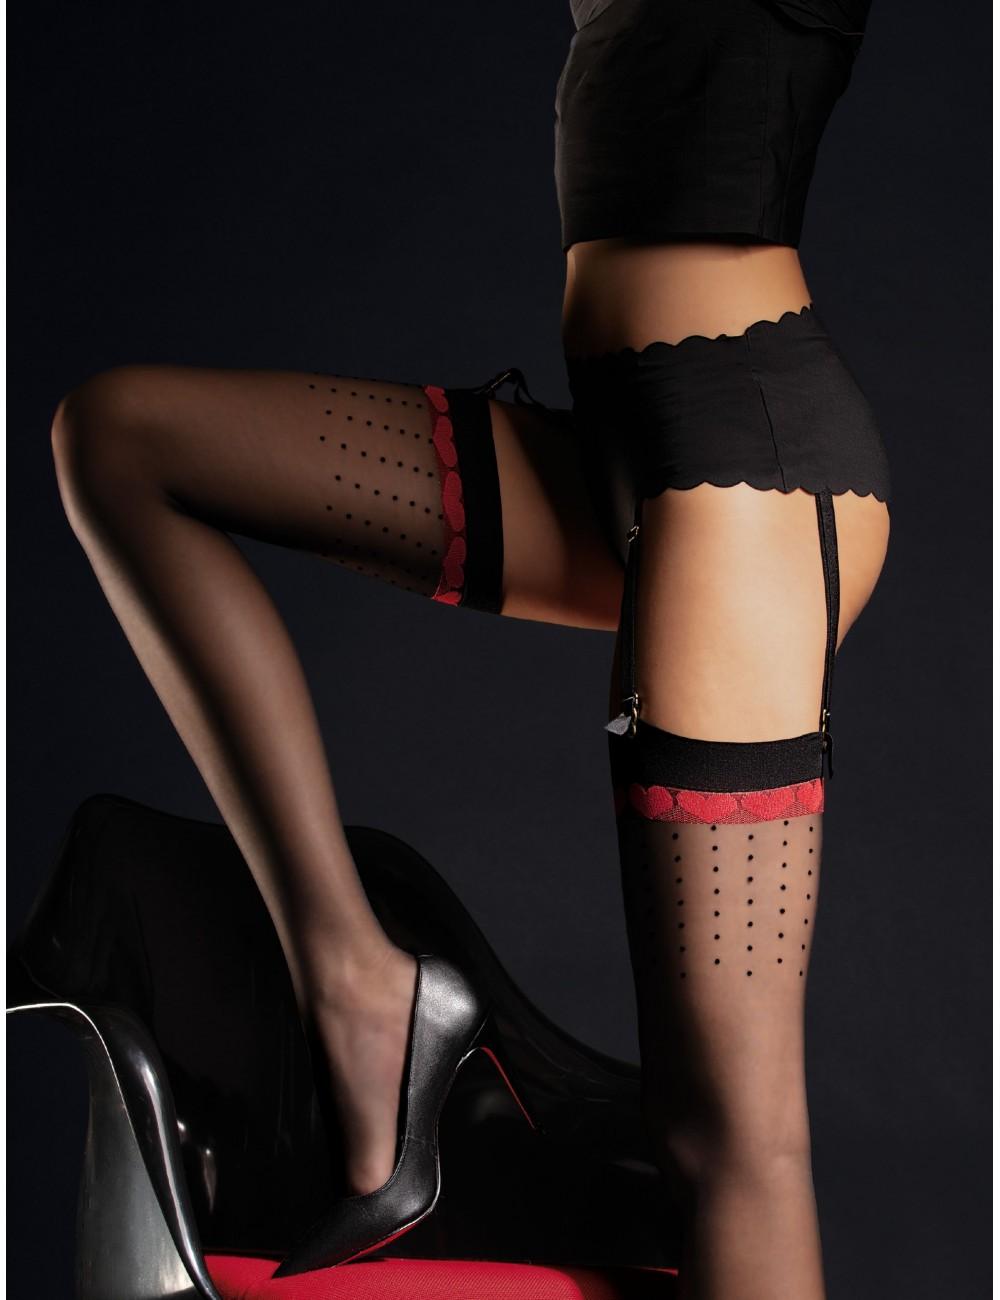 Lingerie - Bas - Bas sexy à motifs noire et rouge et jarretière ornée de cristaux 20 DEN Lovely - Fiore